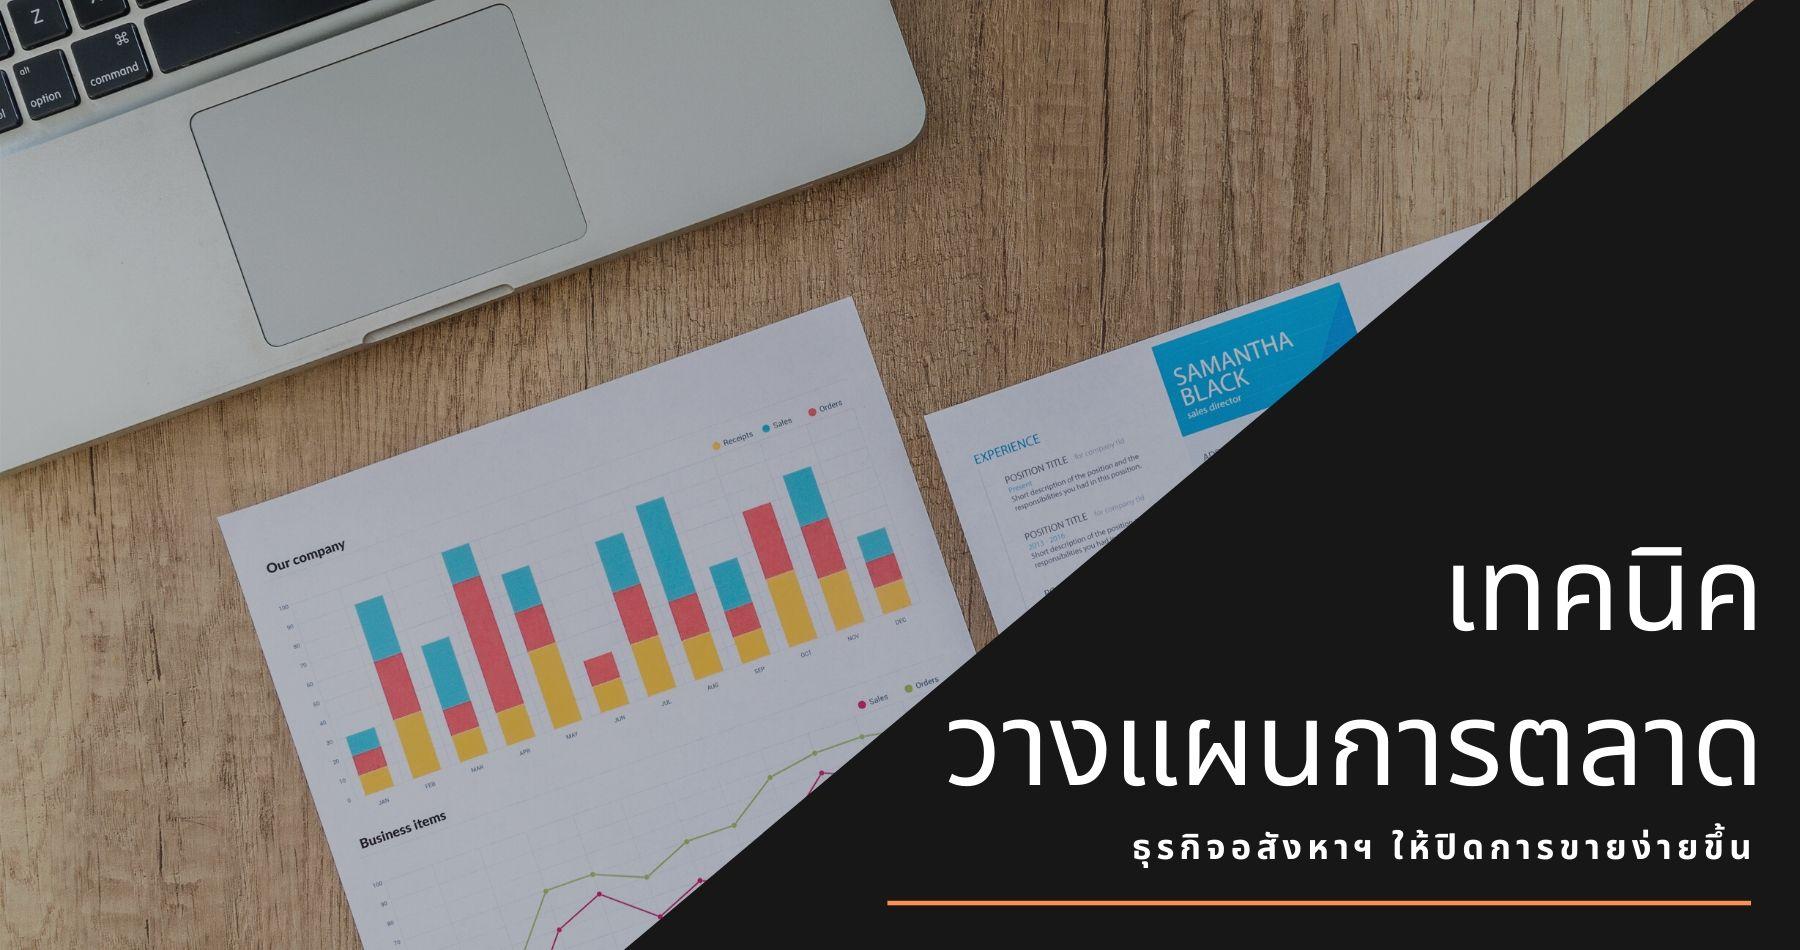 เทคนิควางแผนการตลาดธุรกิจอสังหาฯ ให้ปิดการขายง่ายขึ้น